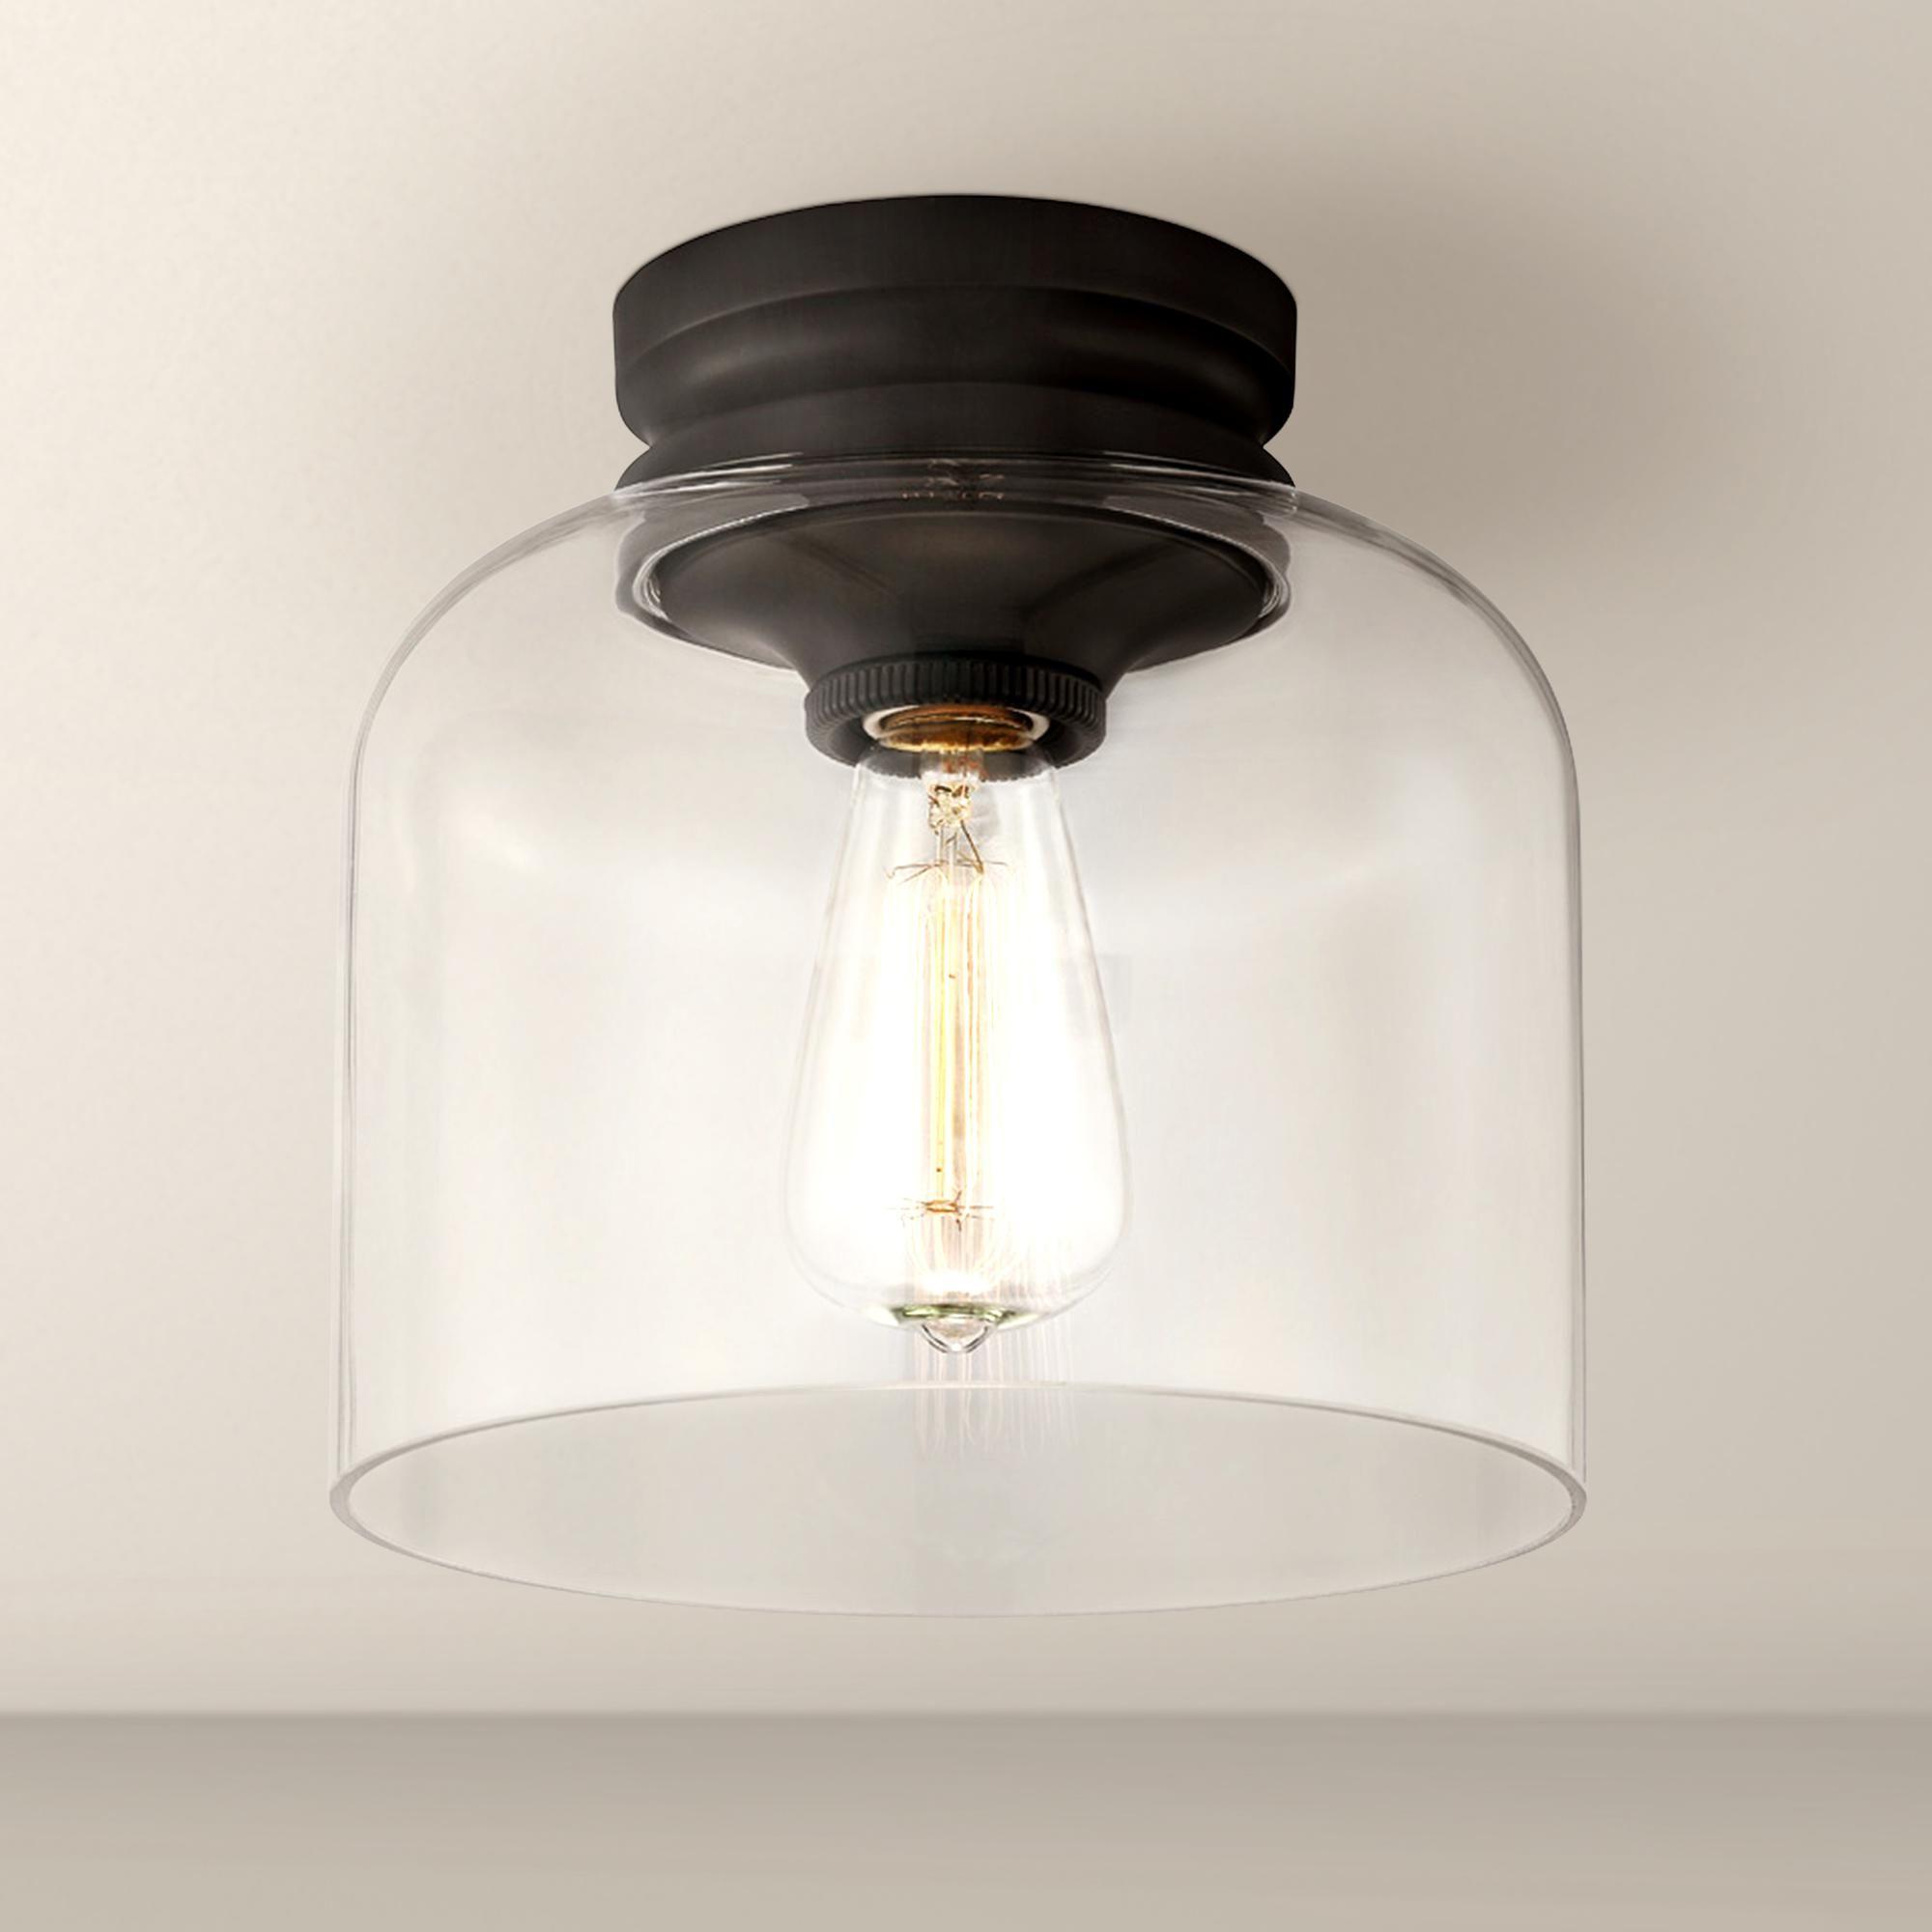 inspiring lighting vanity ceiling rubbed bronze design oil fixtures with light lights bathroom